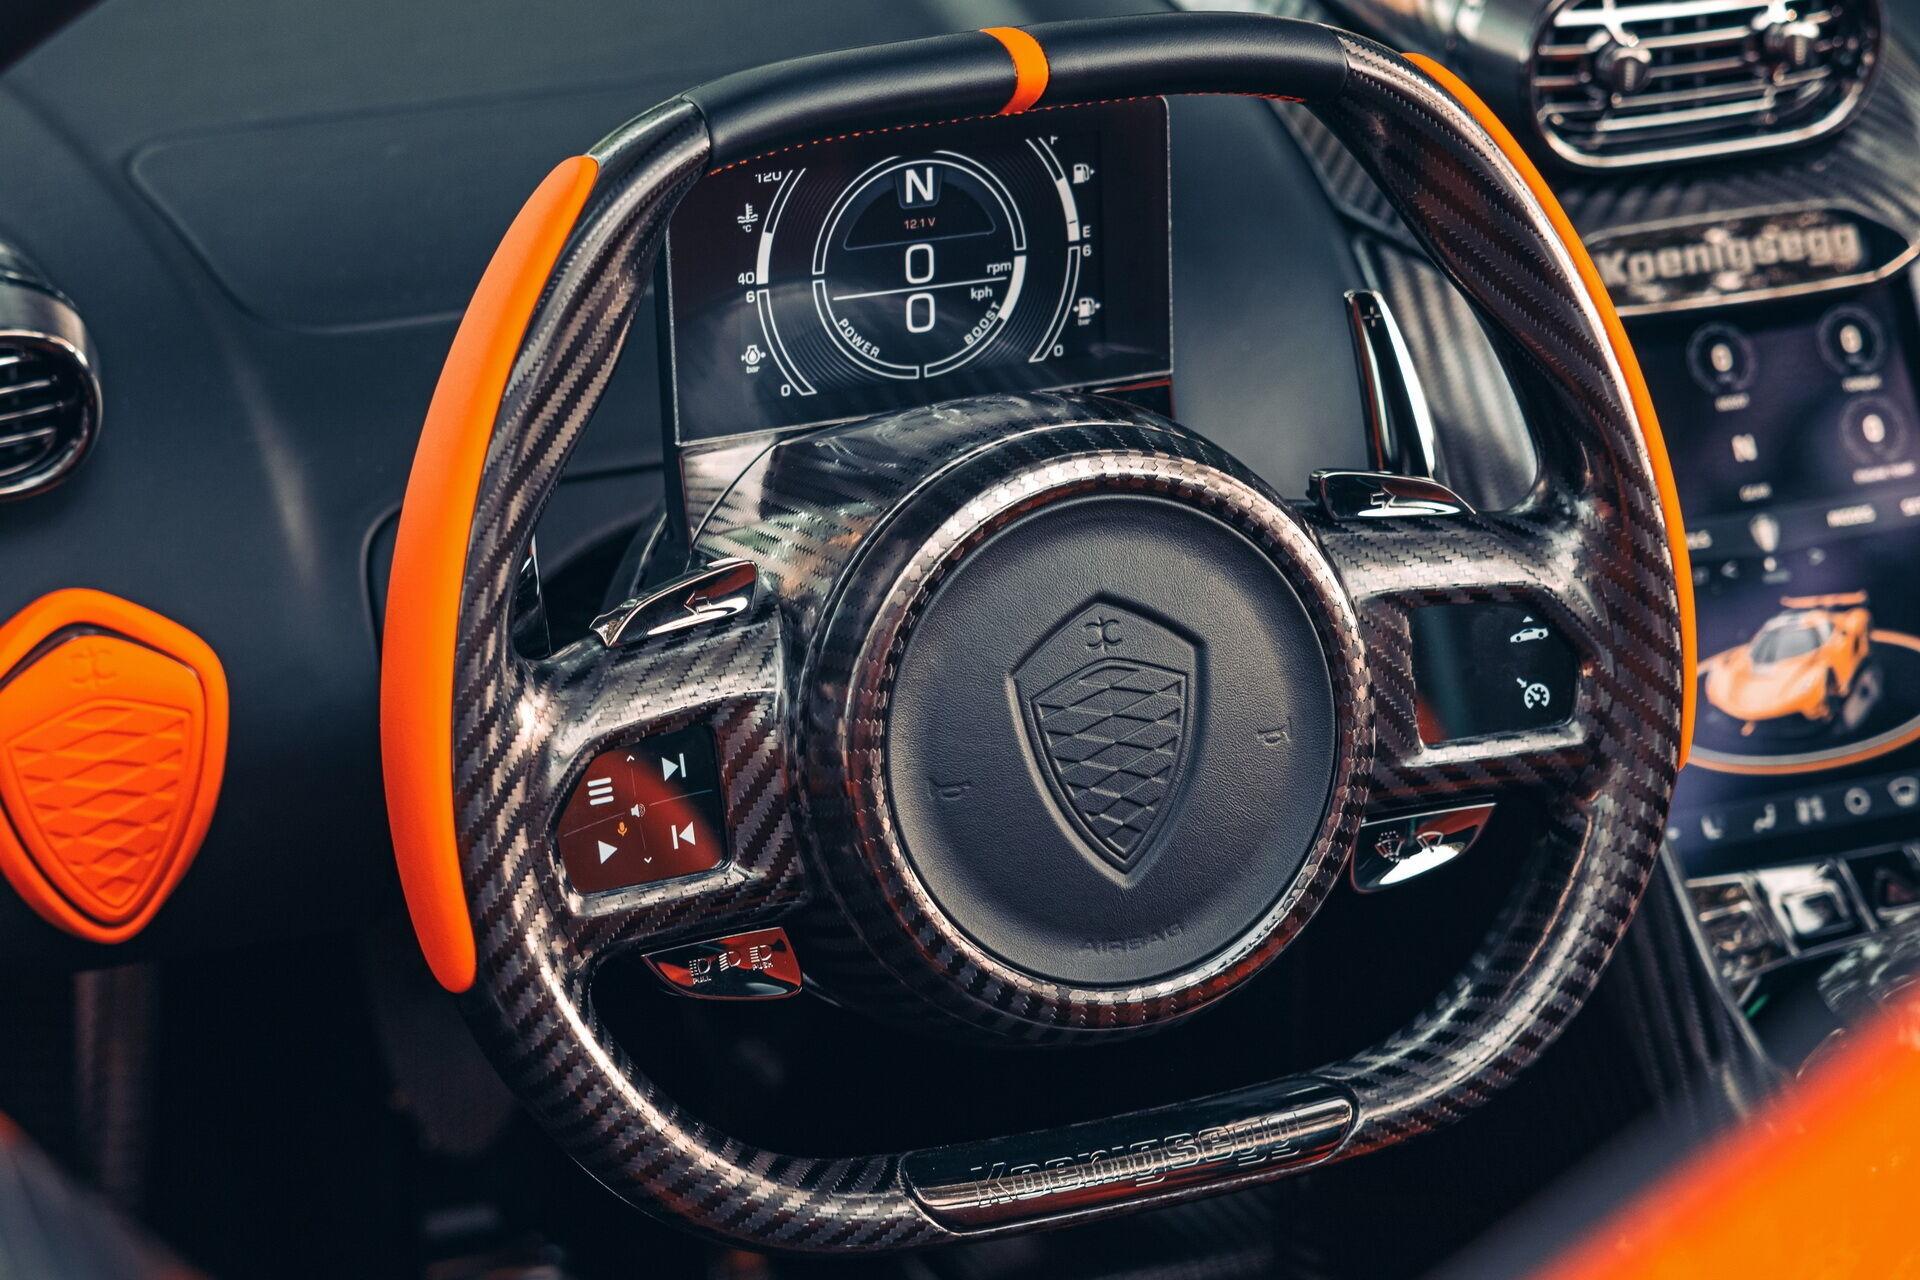 Полностью цифровой кокпит включает два экрана SmartCluster и SmartCenter, а на рулевом колесе из карбона появились сенсорные кнопки